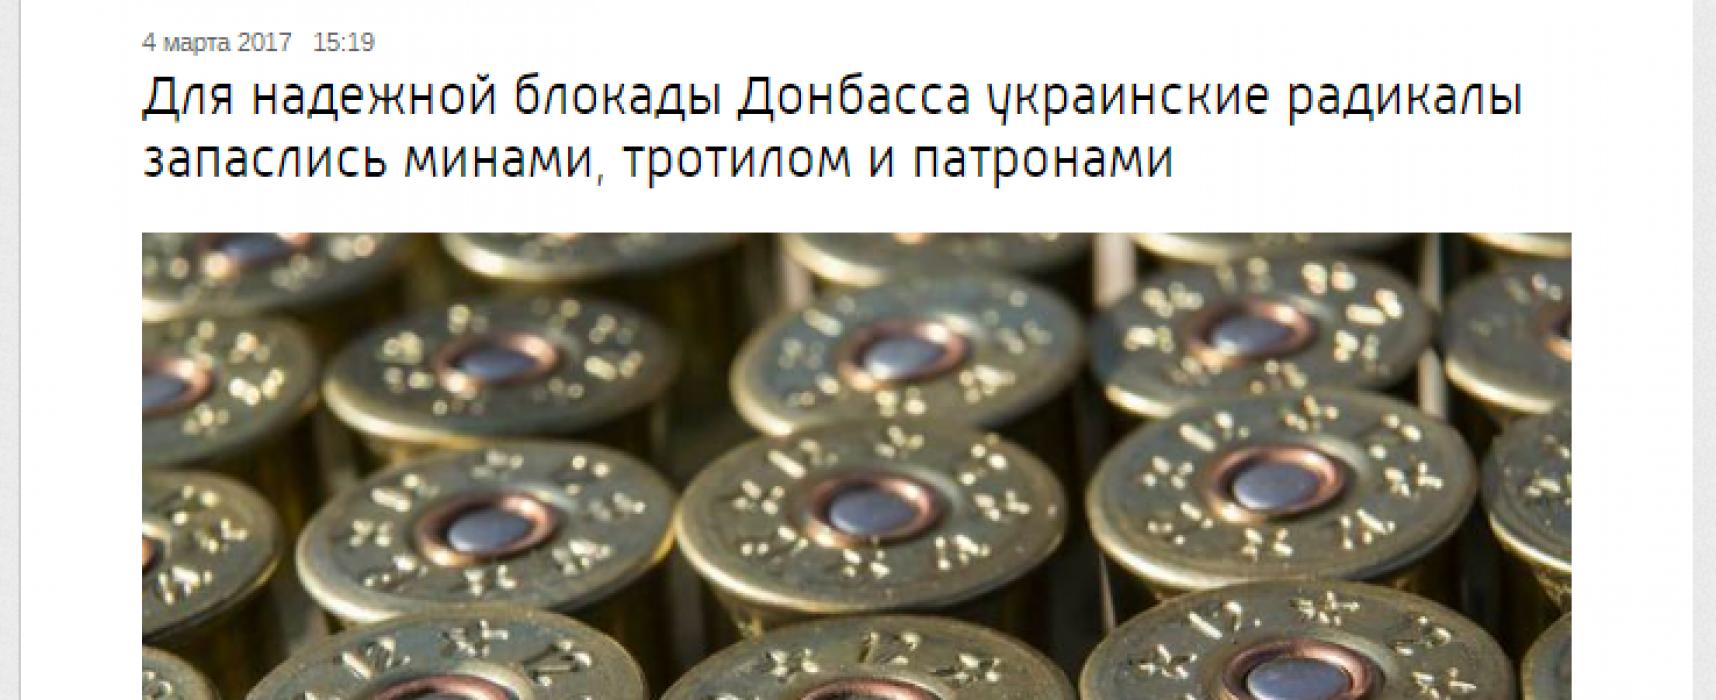 Фейк: у блокирующих на Донбассе обнаружили взрывчатку